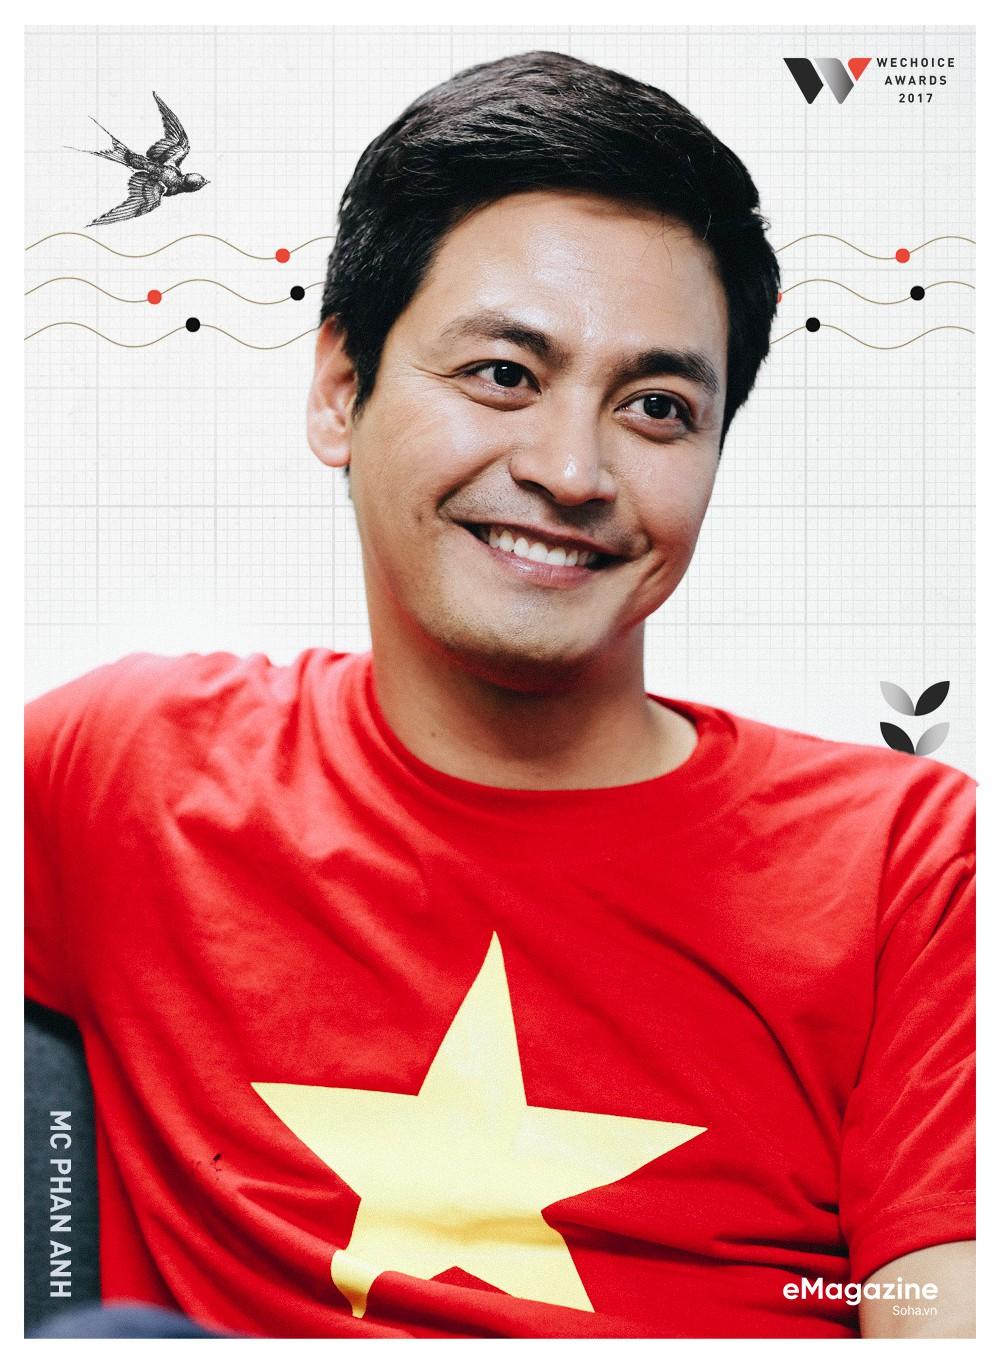 """MC Phan Anh: """"Có một buổi sáng sau khi ngủ dậy, tôi thấy tóc mình bạc trắng - Ảnh 19."""